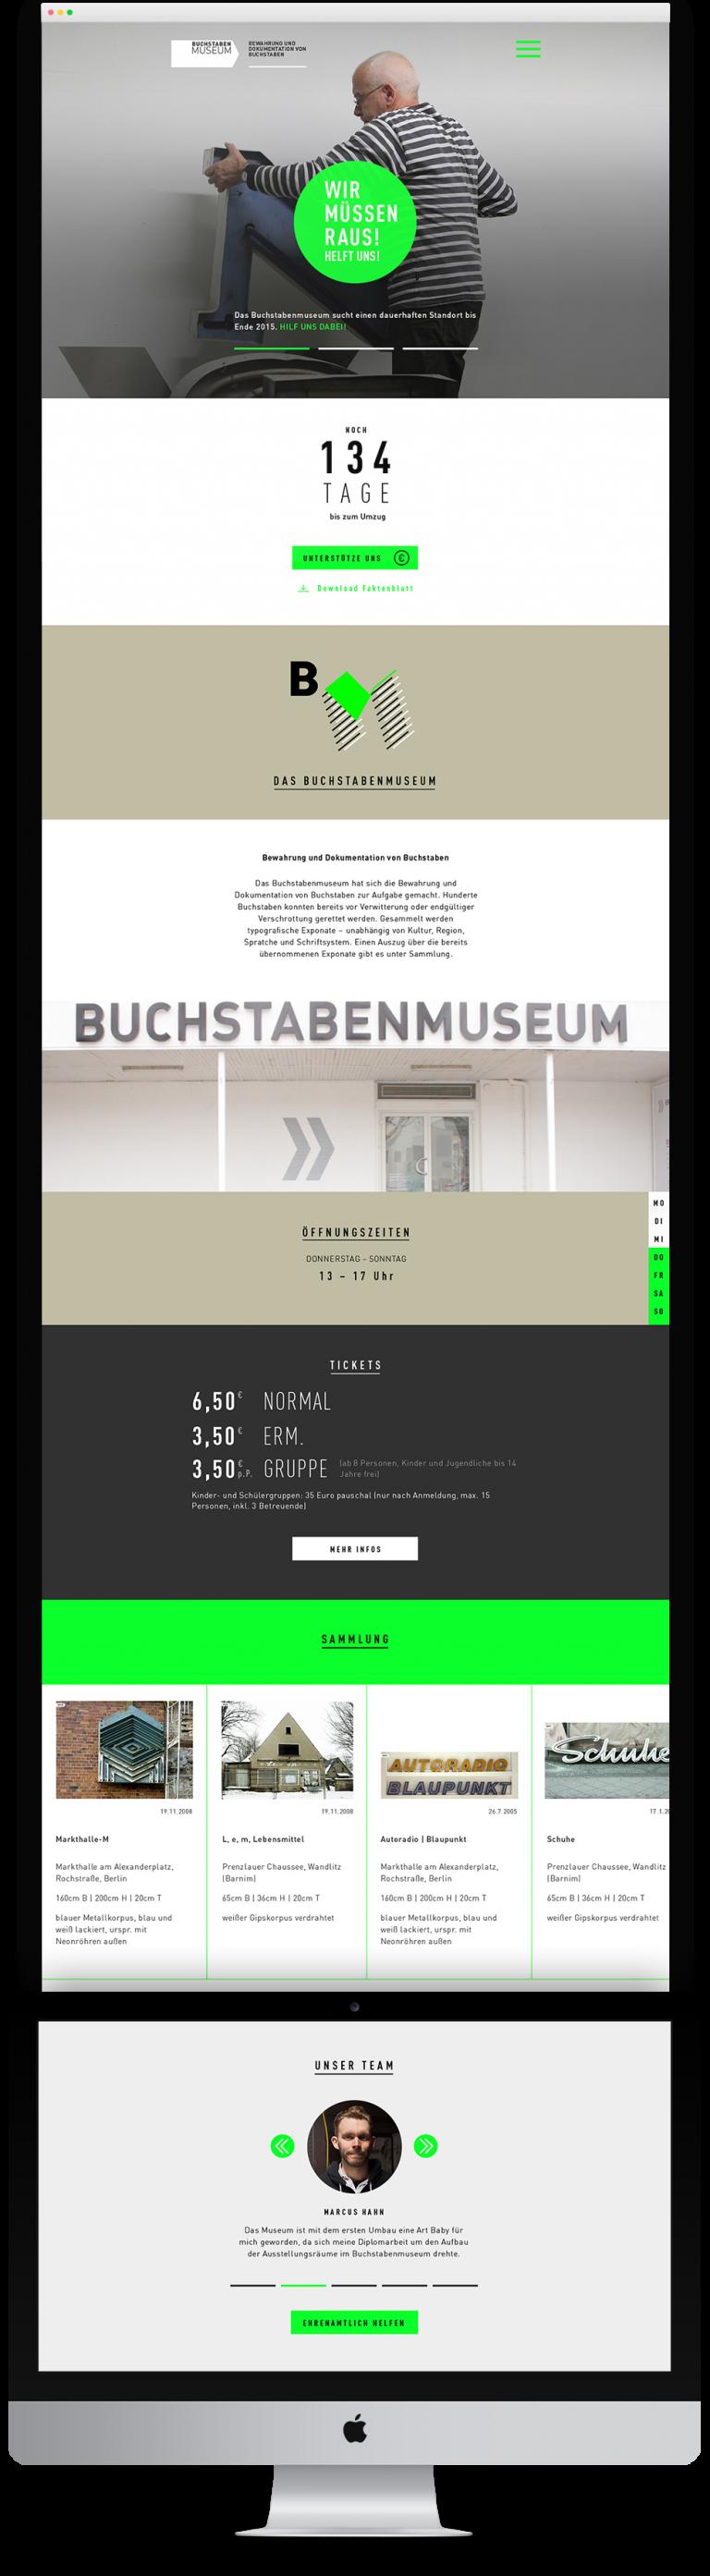 schmisalidt Website Buchstabenmuseum Berlin